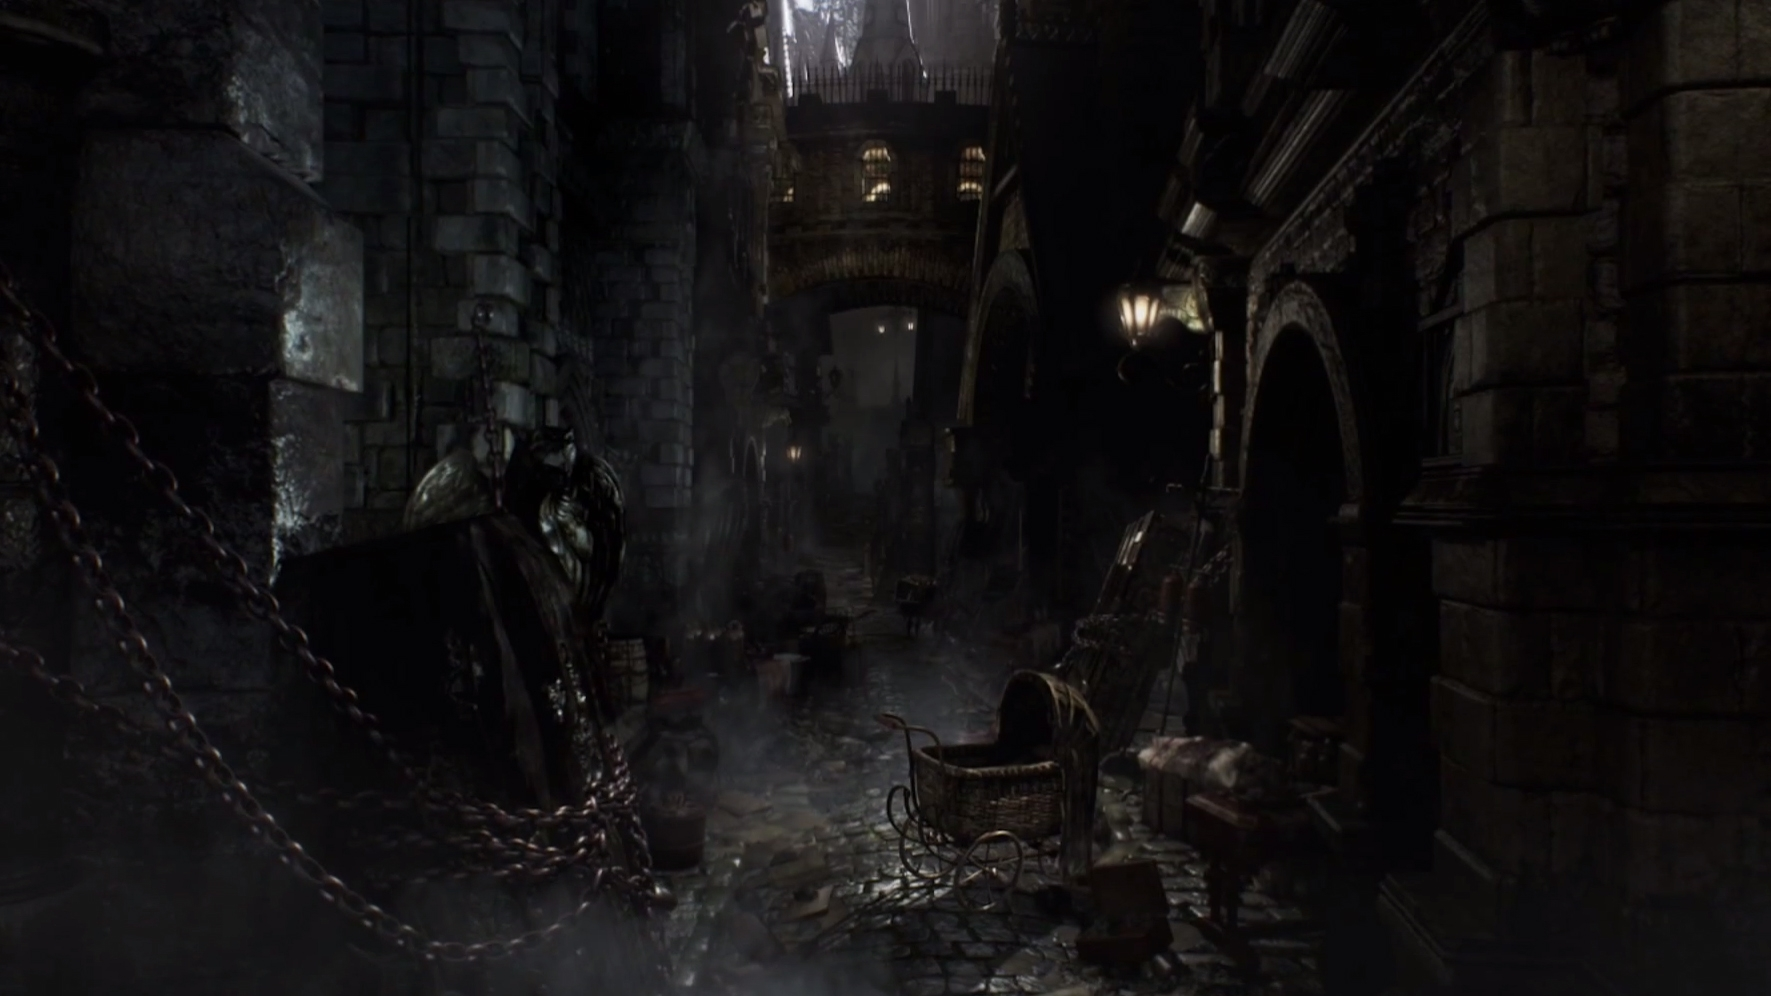 E3 2014: Bloodborne — фэнтезийный ролевой экшен от авторов Demon's Souls и Dark Souls